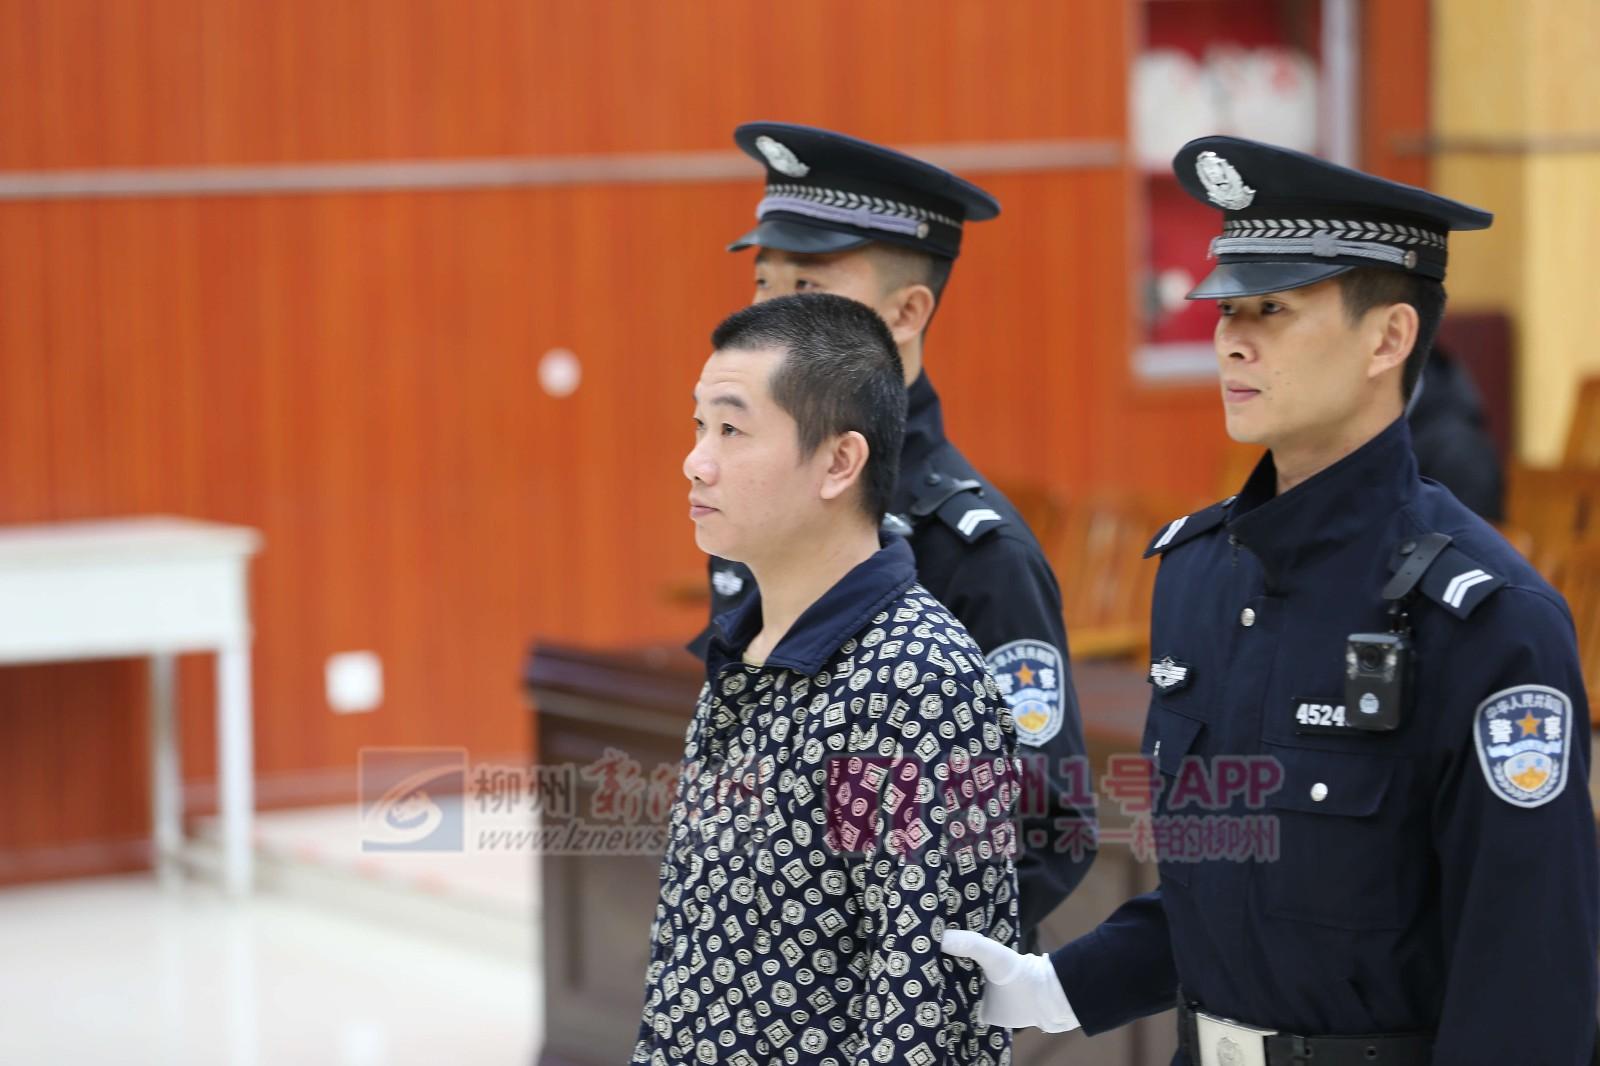 699.5克,15年!柳江法院集中宣判3起毒品犯罪案件